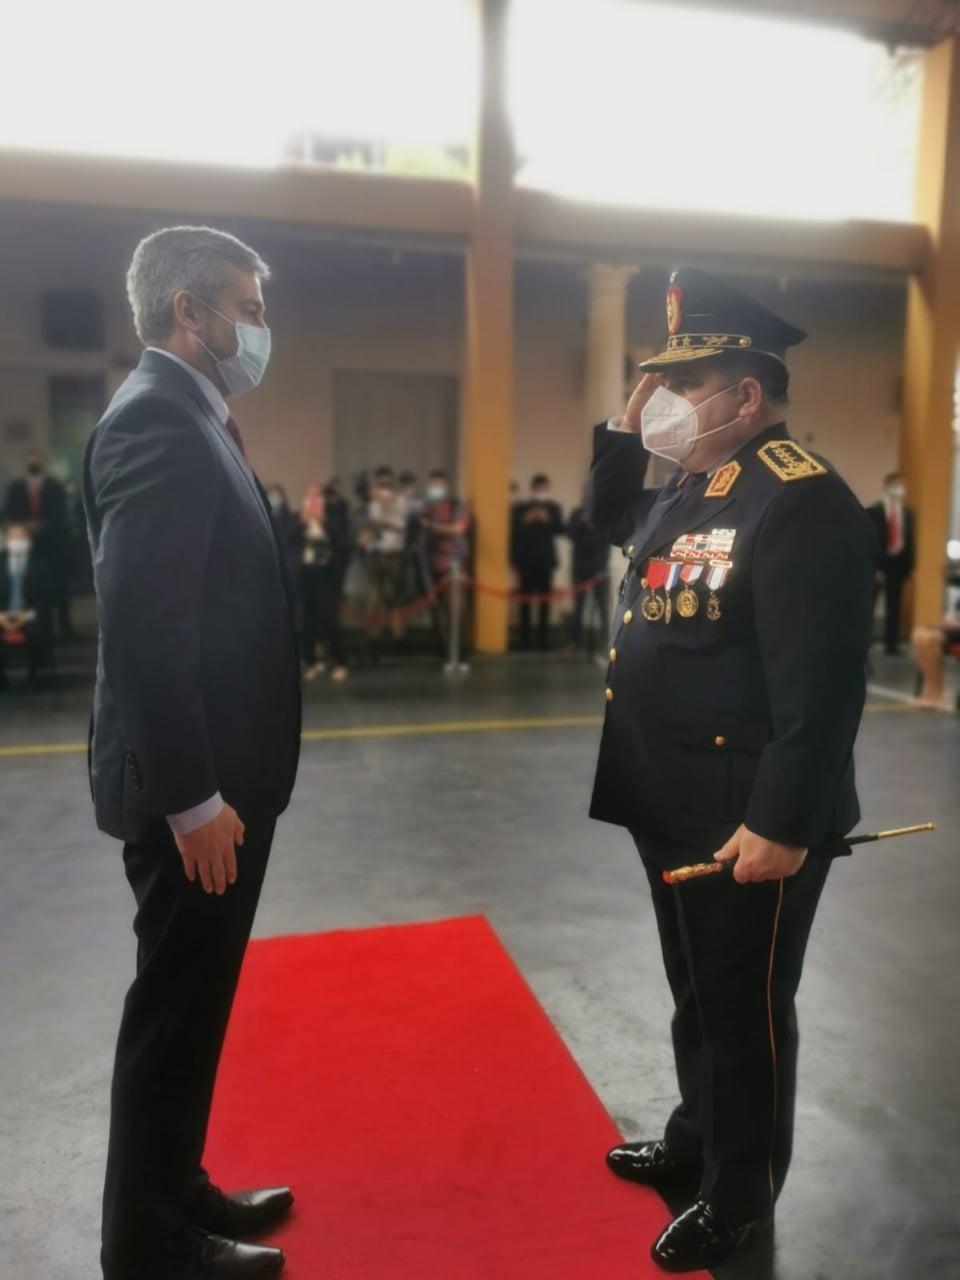 Ceremonia de Imposición de Presillas al Señor Comandante de la Policía Nacional del Paraguay.